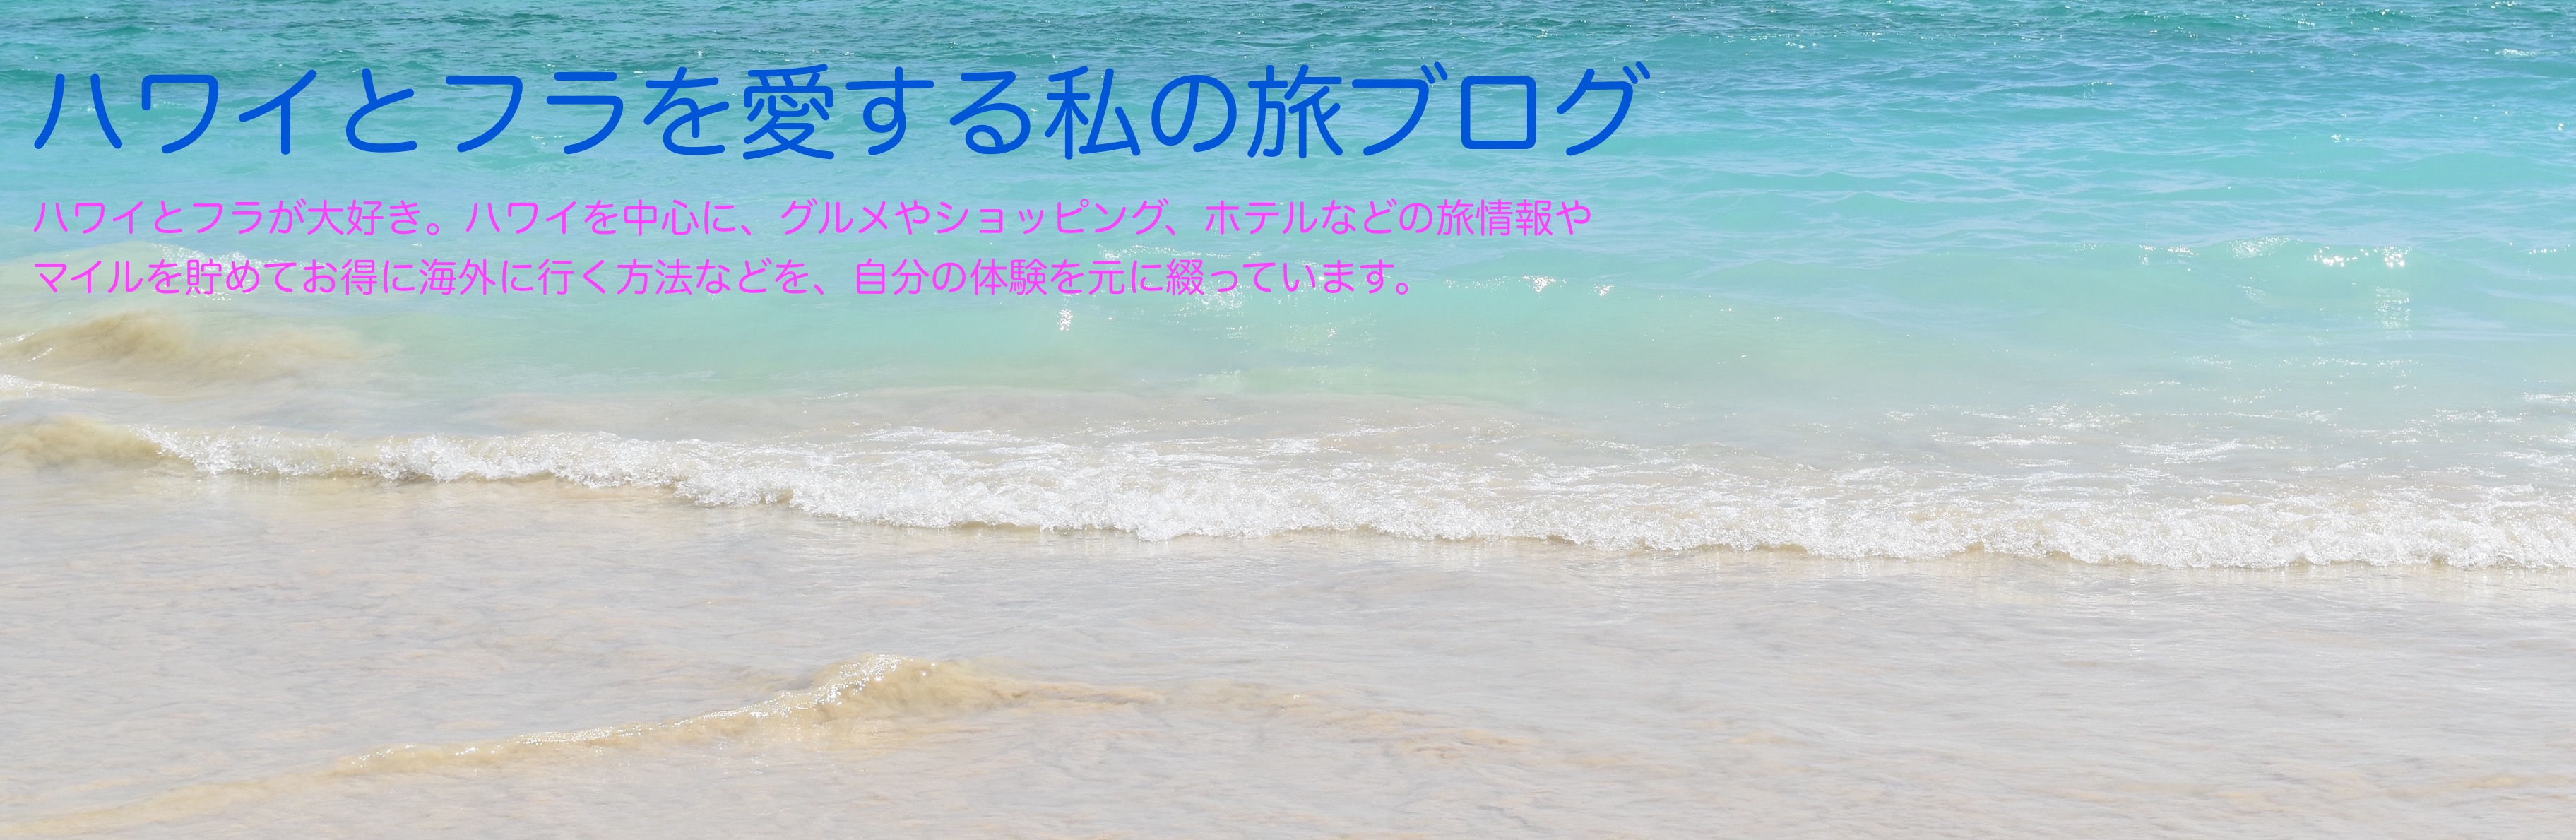 『ハワイとフラを愛する私の旅ブログ